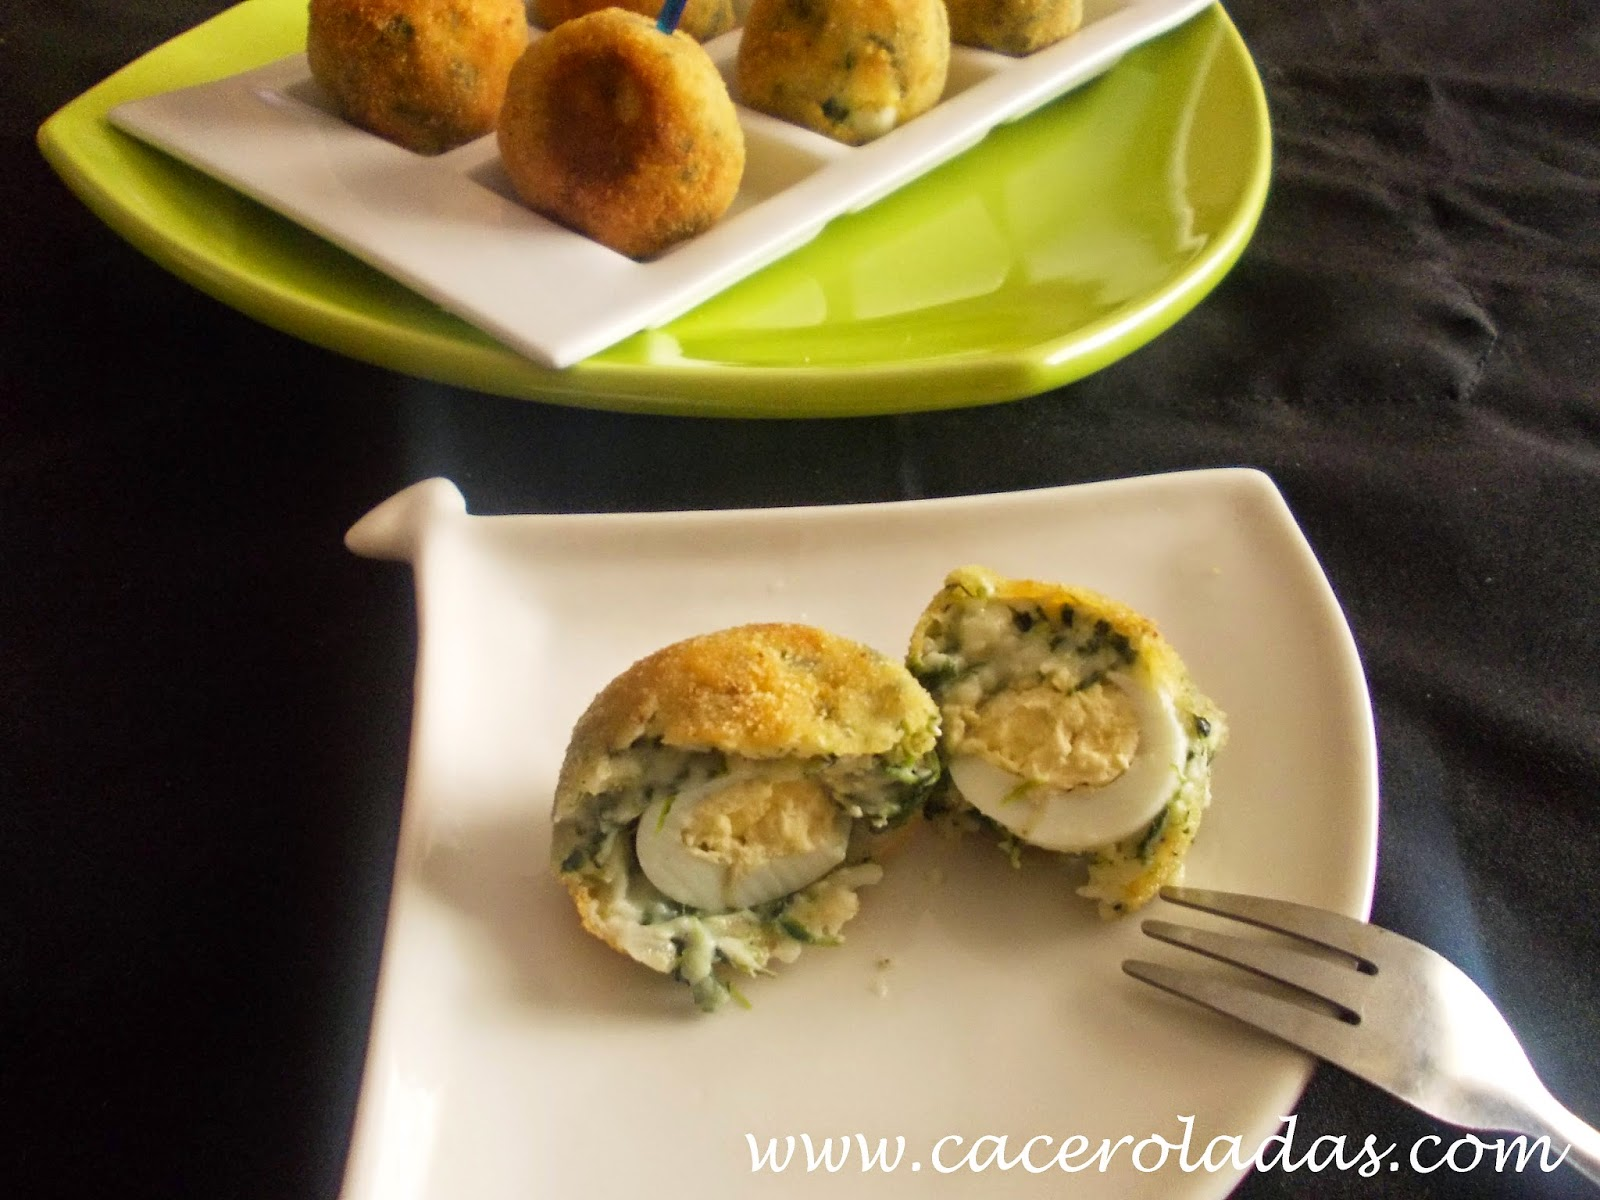 Croquetas de espinacas con huevo de codorniz